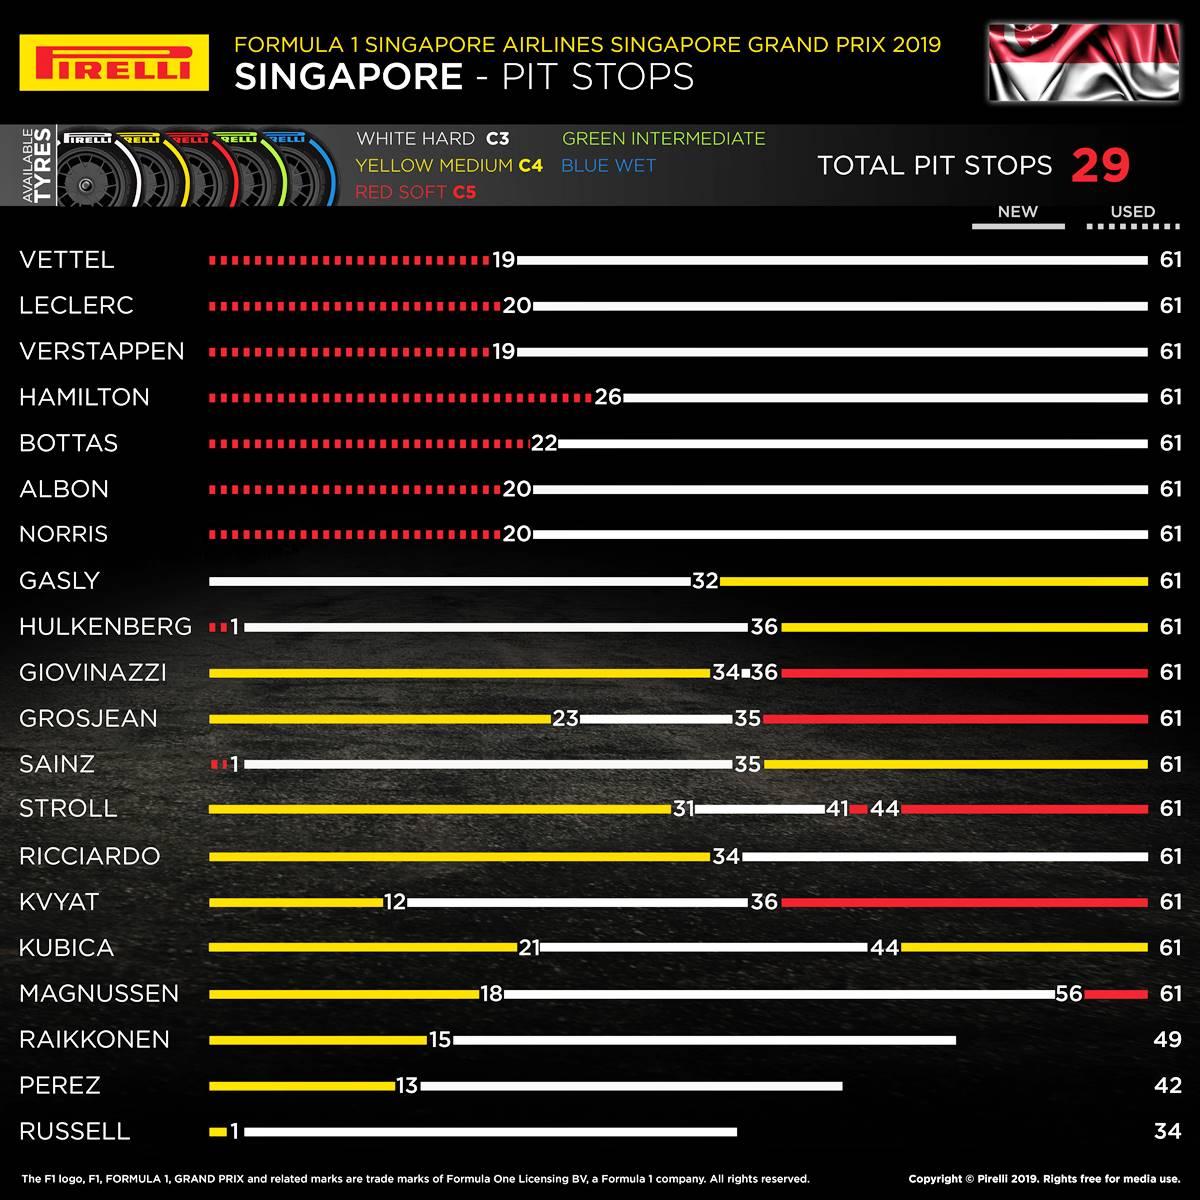 """El inglés Lewis Hamilton afirmó que con una táctica diferente a la que decidió el equipo Mercedes hubiese vencido en el GP de Singapur.  Por tercera vez en la temporada, el inglés Lewis Hamilton se quedó sin subir al podio de un Gran Premio. Esta vez sucedió en el GP de Singapur, donde finalizó en el cuarto lugar tras partir desde el segundo puesto.  Según analizó el múltiple campeón, que igual se mantienen al frente del torneo con suma comodidad, podría hasta haber ganado si se hubiese detenido a cambiar neumáticos antes que los pilotos de Ferrari, el alemán Sebastian Vettel y el monegasco Charles Leclerc. """"Sabía que debíamos haber hecho el undercut. Yo quería arriesgarme, pero el equipo decidió lo contrario. Igual ganamos y perdemos juntos como equipo. Es doloroso para nosotros porque podríamos haber ganado fácilmente, pero no funcionó"""", resumió el Quíntuple, que llegó delante de su compañero finlandés Valtteri Bottas.  Hamilton también se refirió a la Scuderia, que en el Marina Bay logró su primer doblete del año y su tercera victoria consecutiva. """"Es como si Ferrari estuviese más hambrienta ahora. Hay que dar un paso adelante y tenemos la habilidad para hacerlo. Creo que seguimos siendo el mejor equipo, pero tenemos que dejar de arrastrar los pies"""", agregó. Toto Wolff, responsable de Mercedes, fue más radical en su razonamiento: """"Fue un fin de semana decepcionante para nosotros. Muchos de los problemas que tuvimos en la carrera fueron consecuencias de la clasificación del sábado. Pero está claro que no hicimos un buen trabajo hoy (por ayer) y no podemos estar satisfechos con el cuarto y quinto lugar. Es verdad, tuvimos la posibilidad de ganar, pero cometimos demasiados errores""""."""